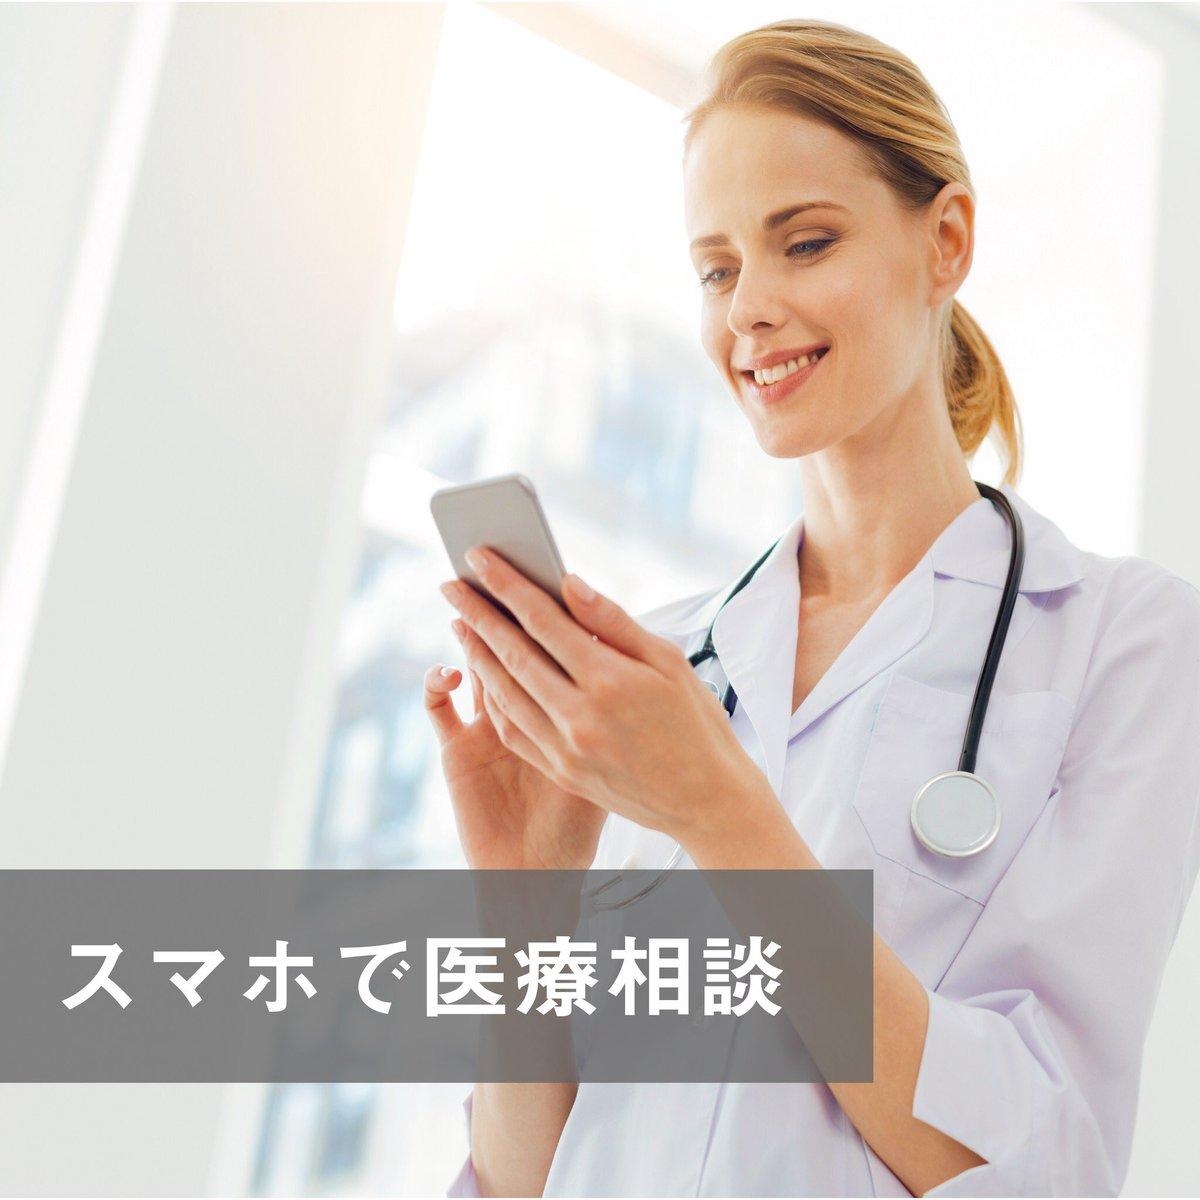 D0DM4bnVYAE6aOQ - 医師と直接スマホで相談